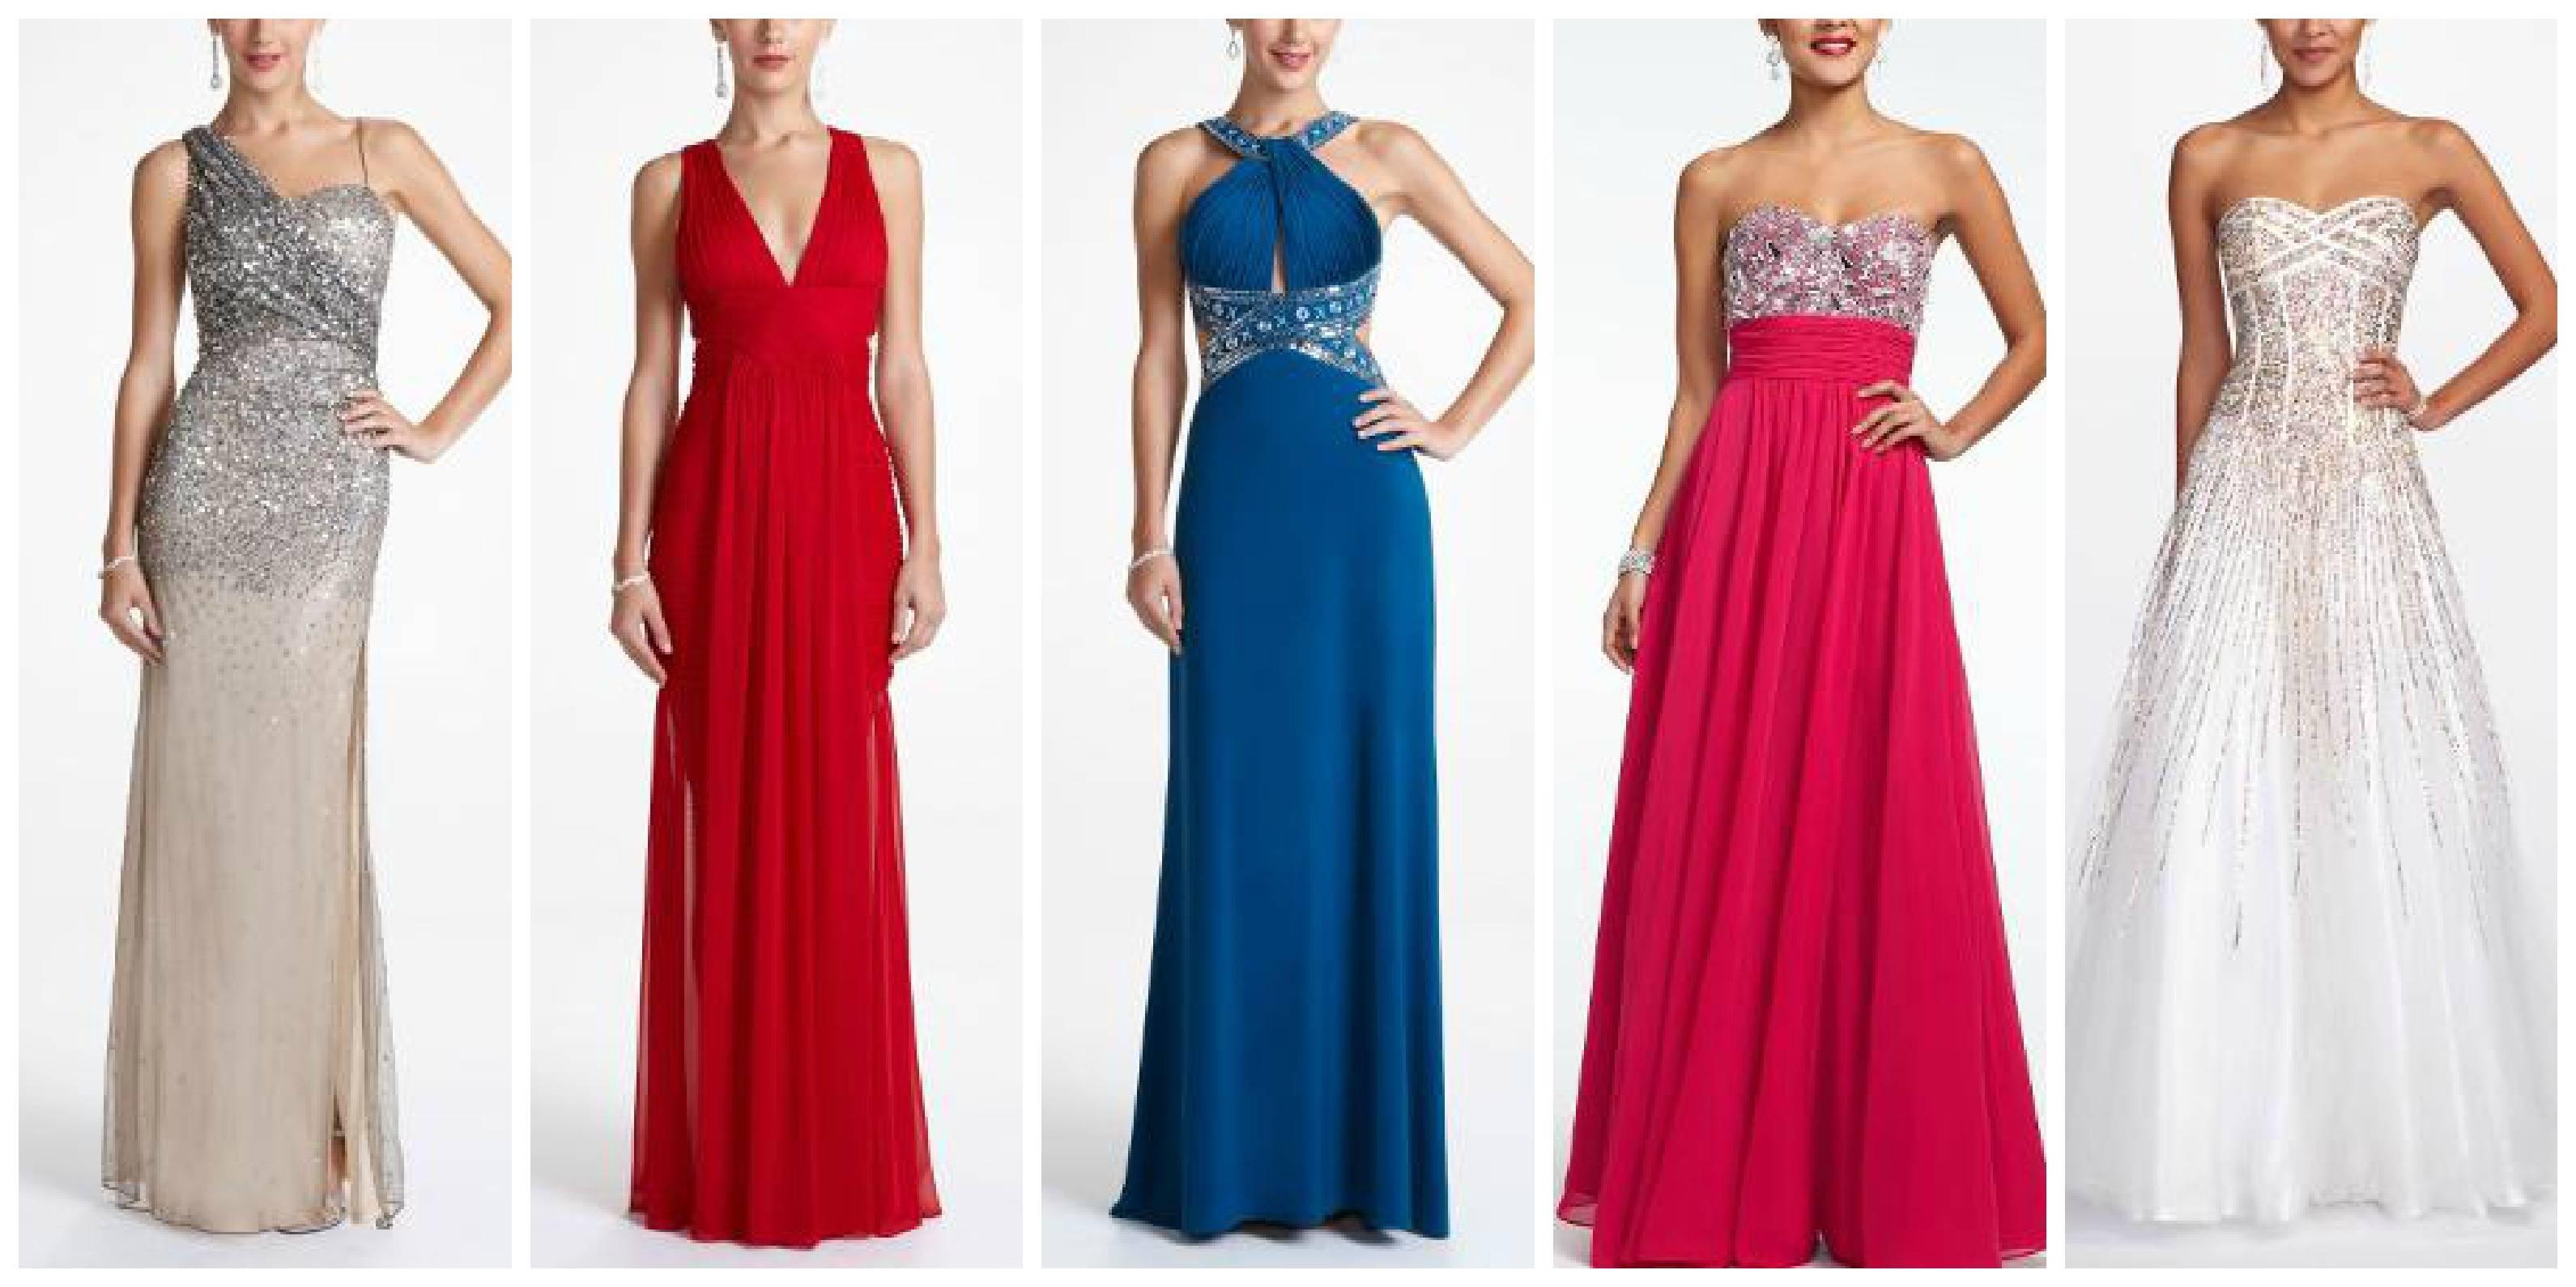 Cum sa-ti alegi rochia ideala